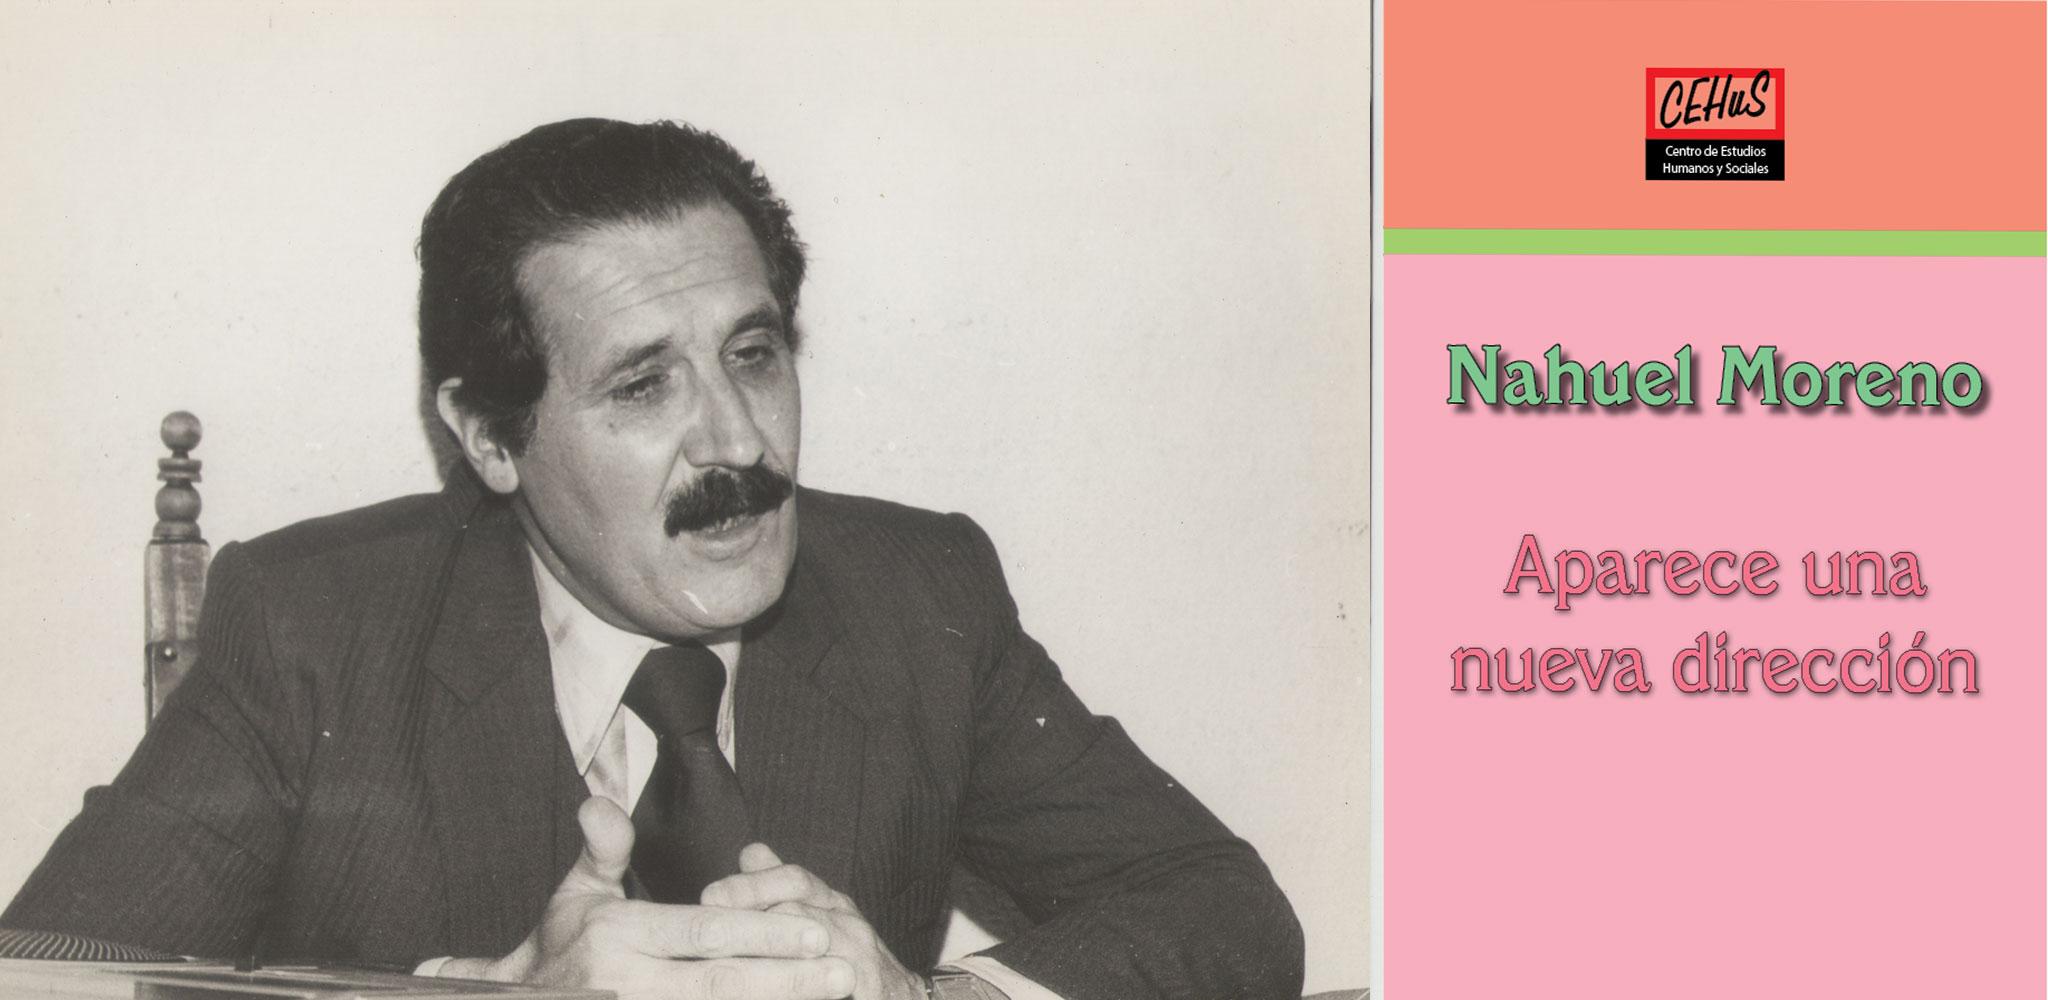 APARECE UNA NUEVA DIRECCIÓN (1981)